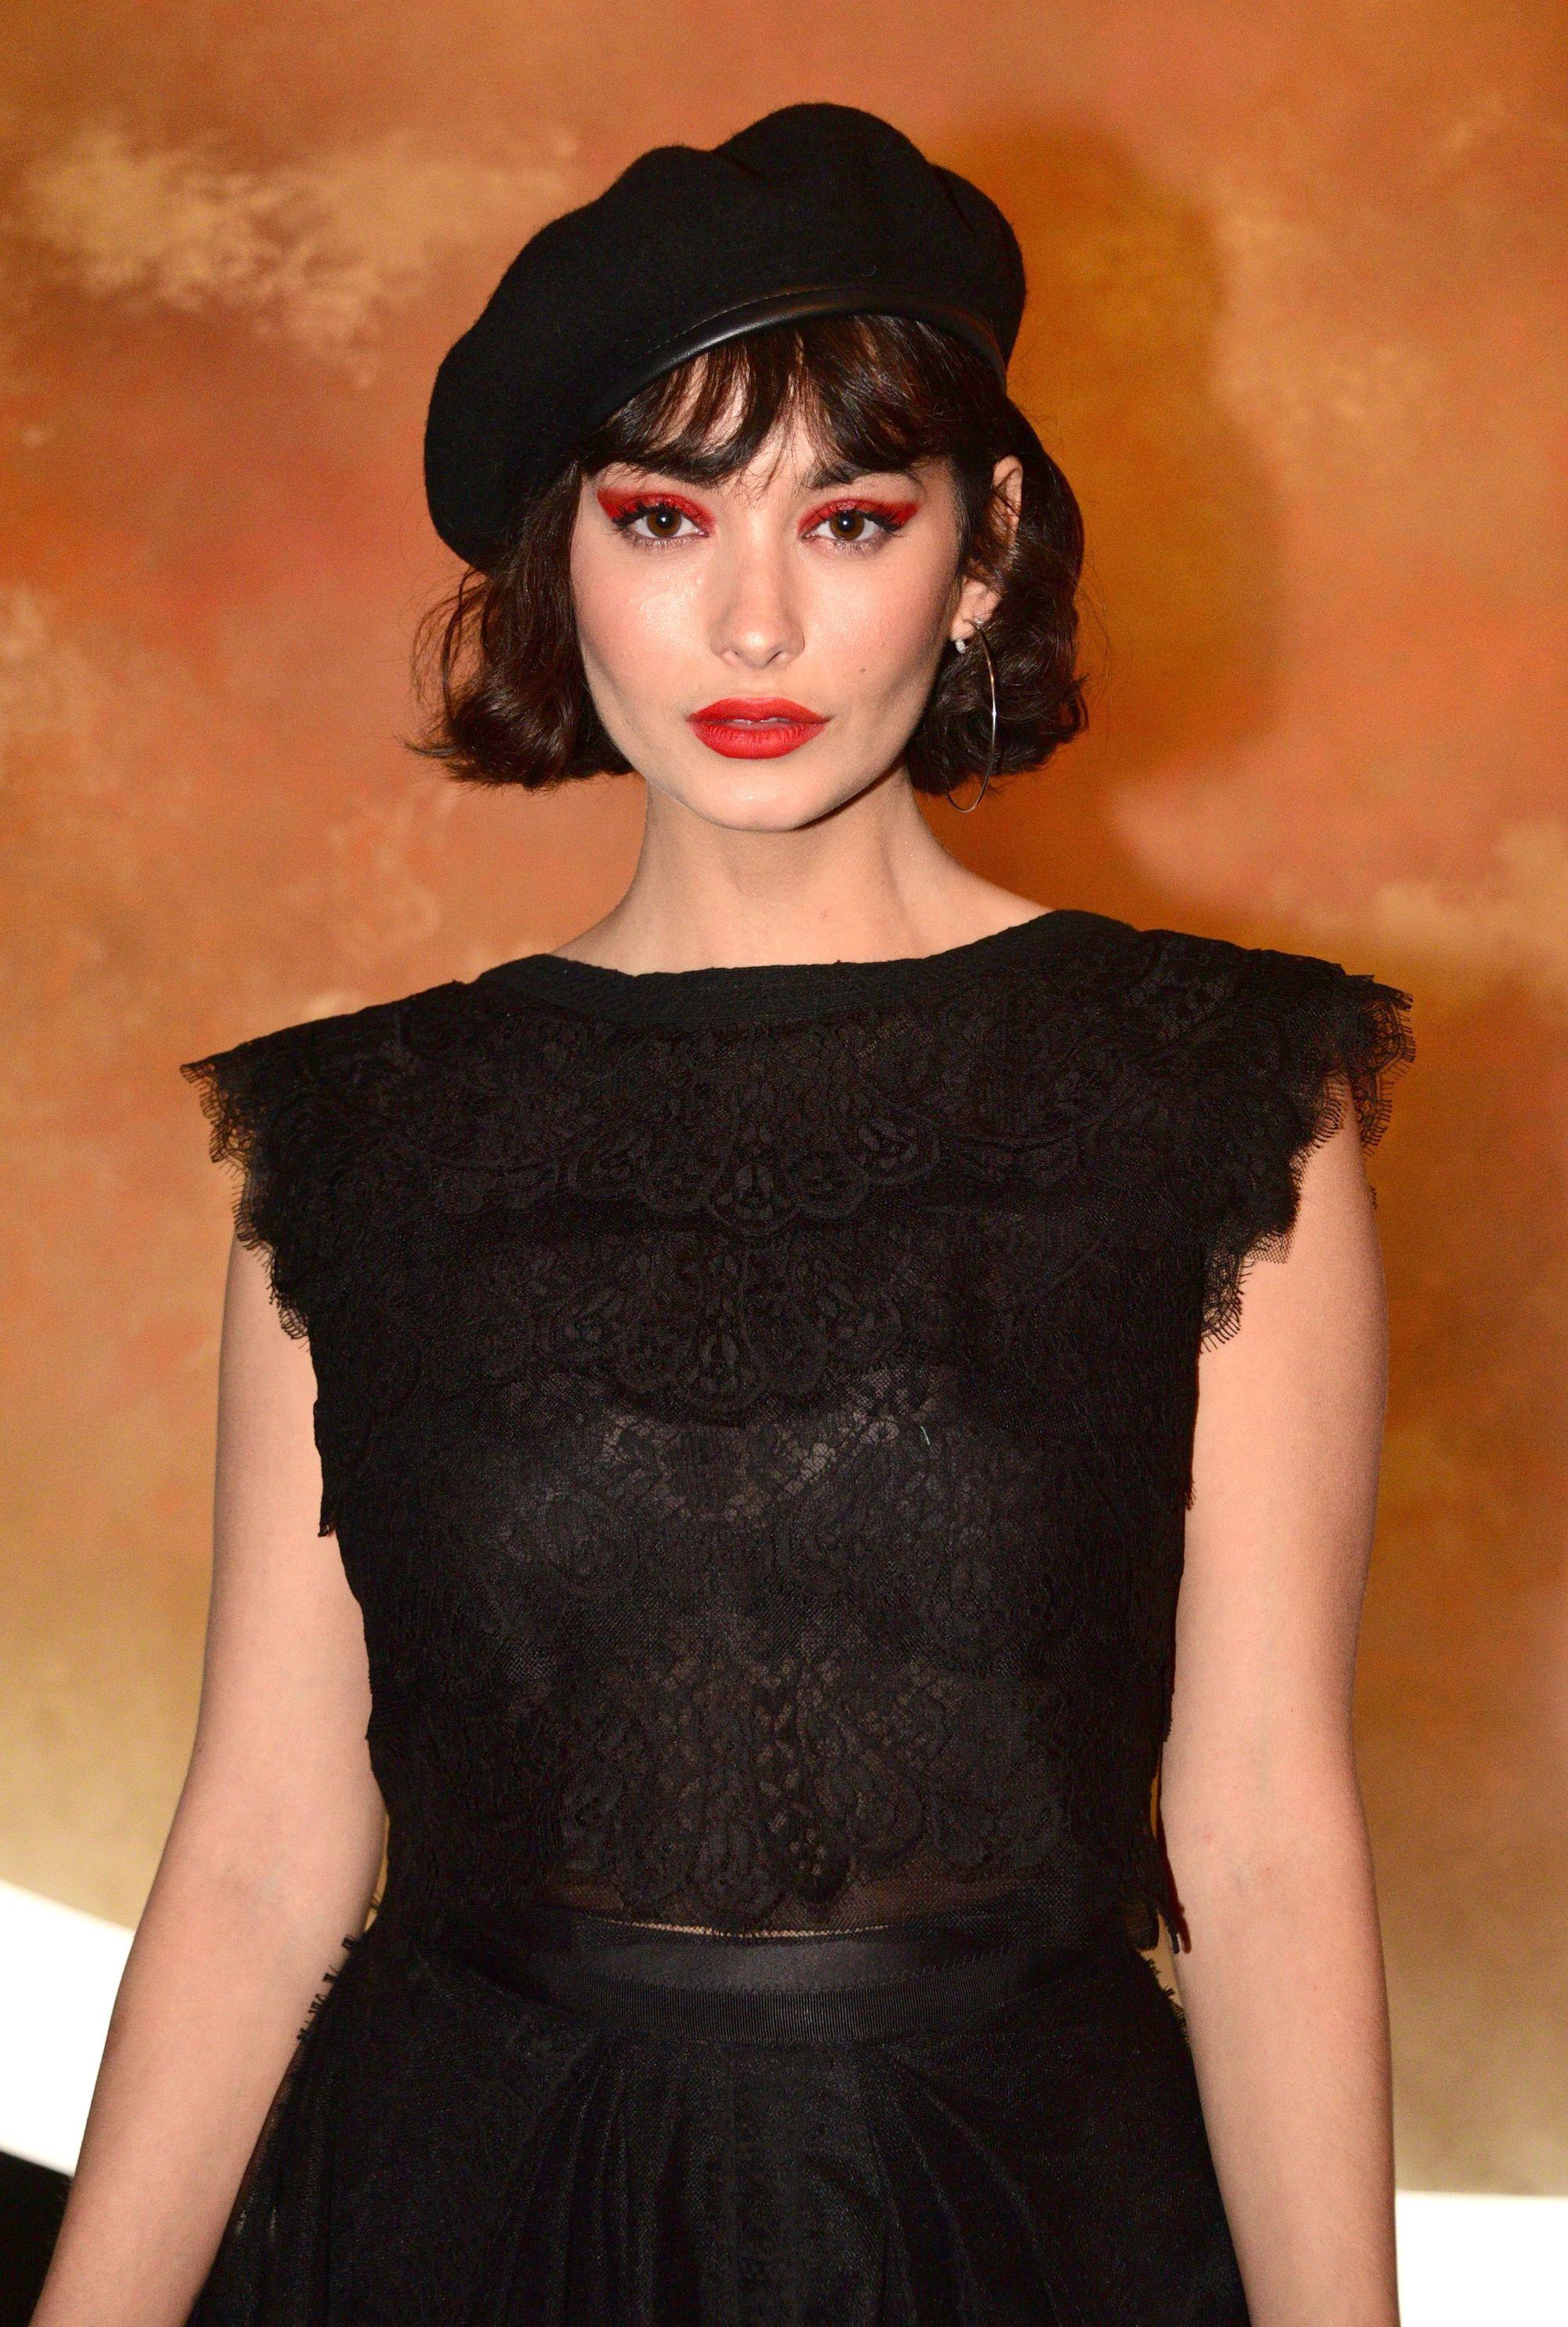 Coiffures de bob français : Taylor Lashae avec une coupe de bob courte avec une frange de soie, portant tout en noir avec un béret sur le tapis rouge